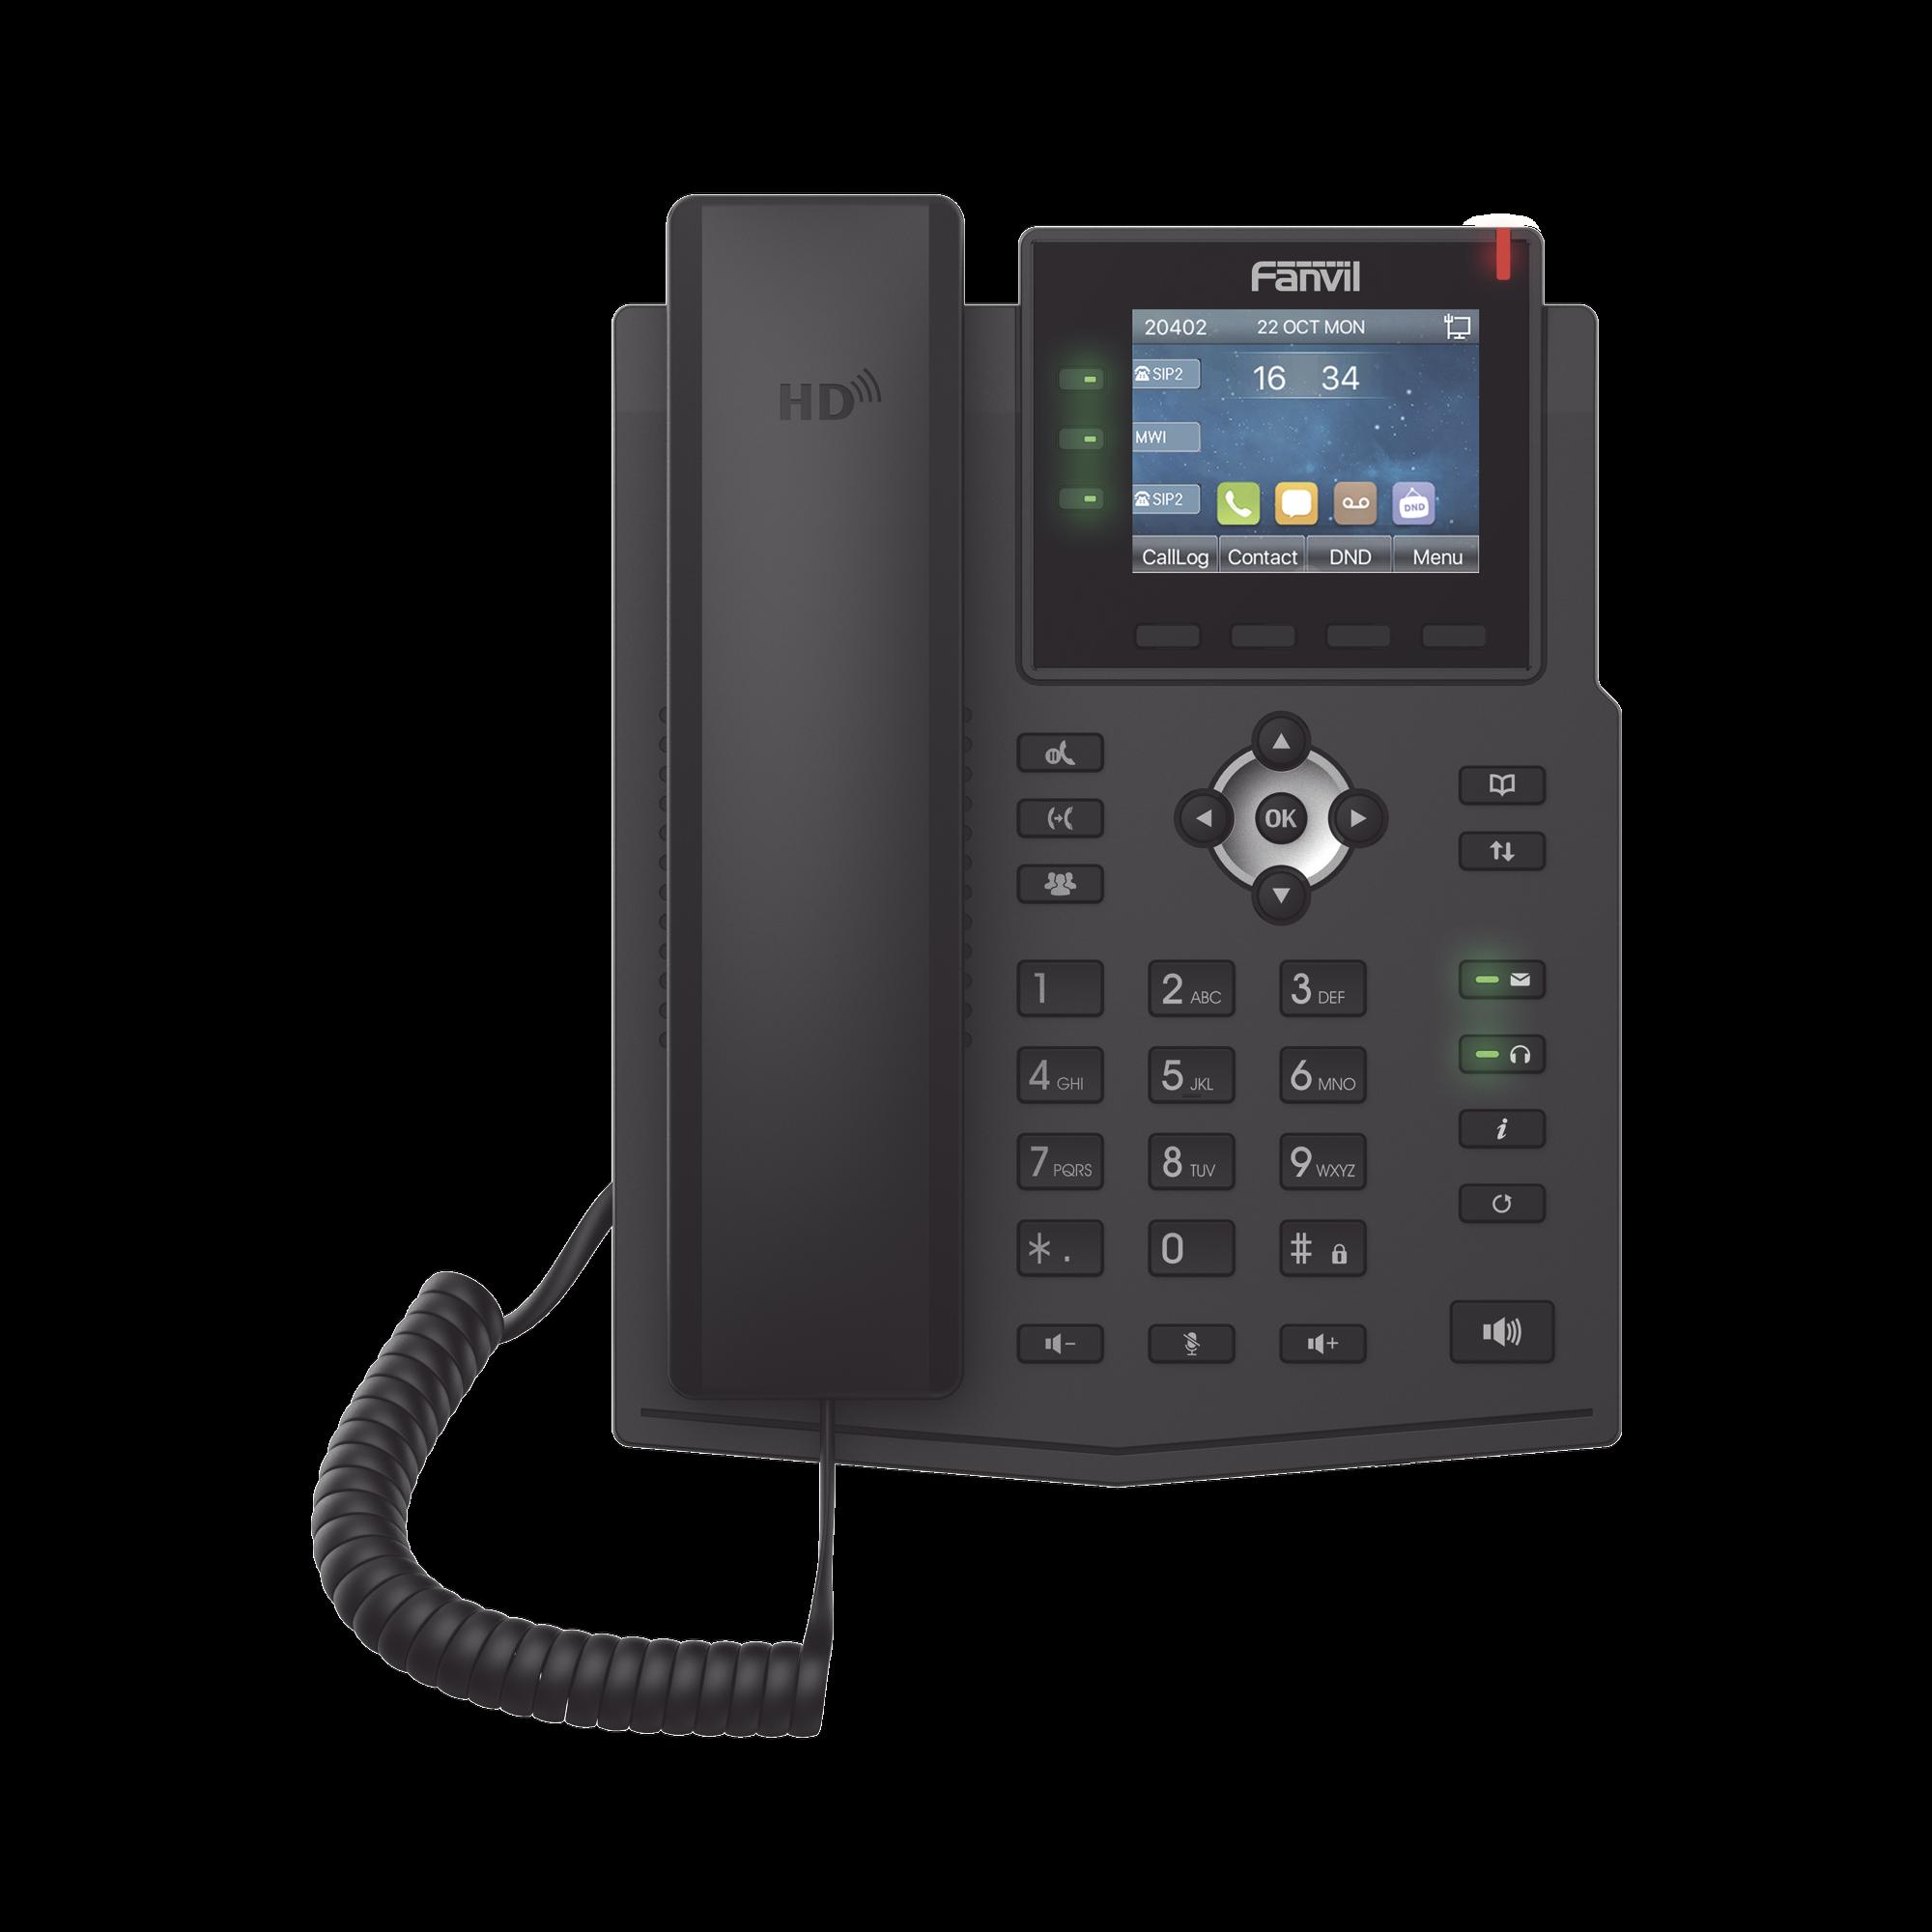 Telefono IP Empresarial con Estandares Europeos, 6 lineas SIP con pantalla LCD a color, puertos Gigabit, IPv6, Opus y conferencia de 3 vias, PoE/DC (incluye fuente).